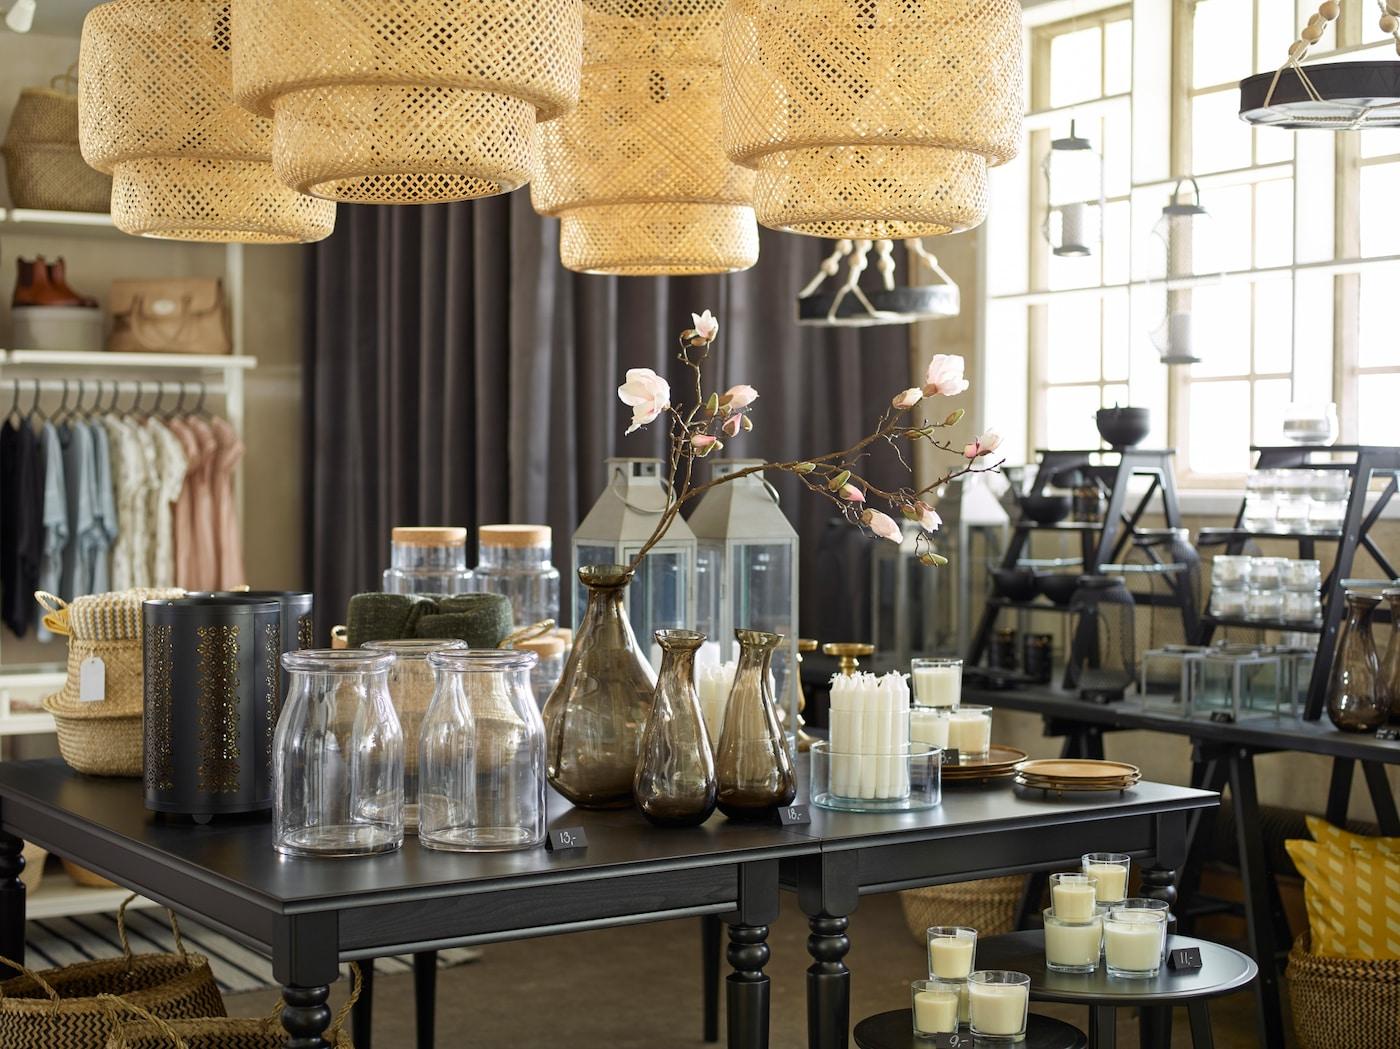 Myymälän pöytä täynnä kauniita sisustusesineitä.